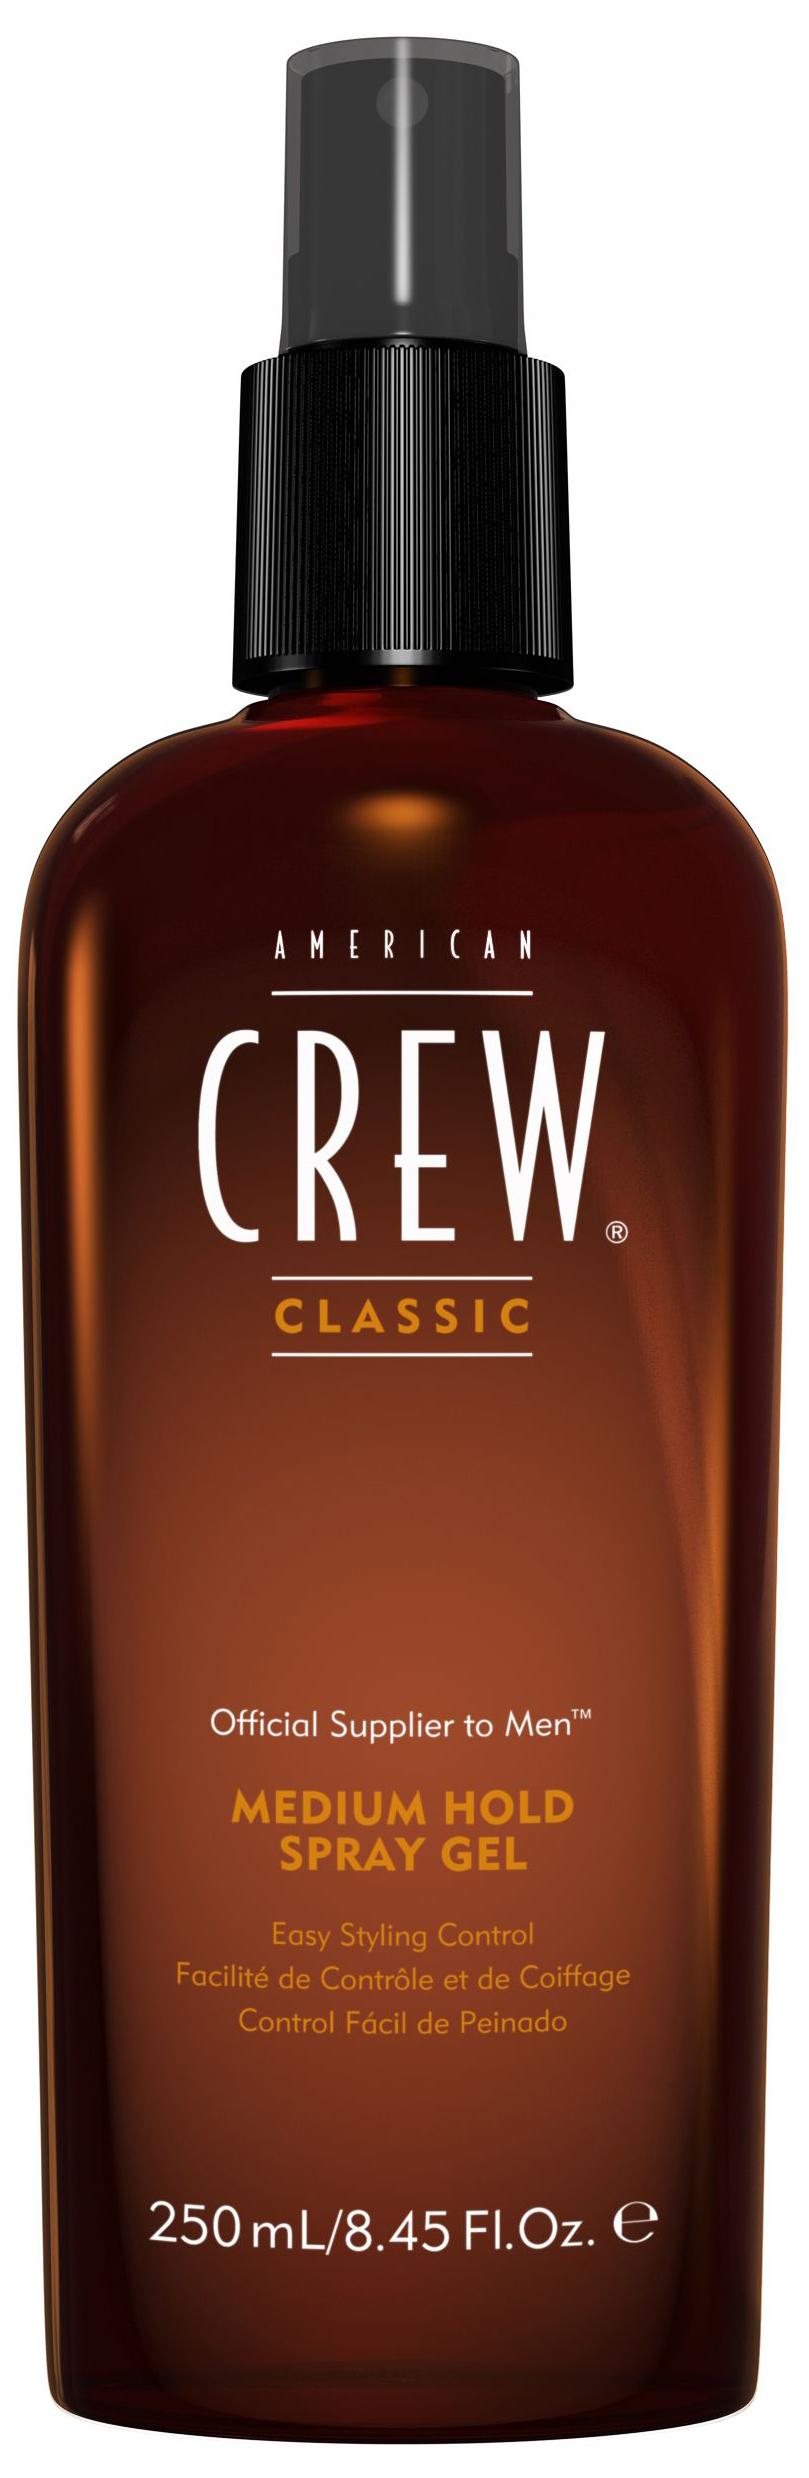 Спрей гель для волос American Crew средней фиксации